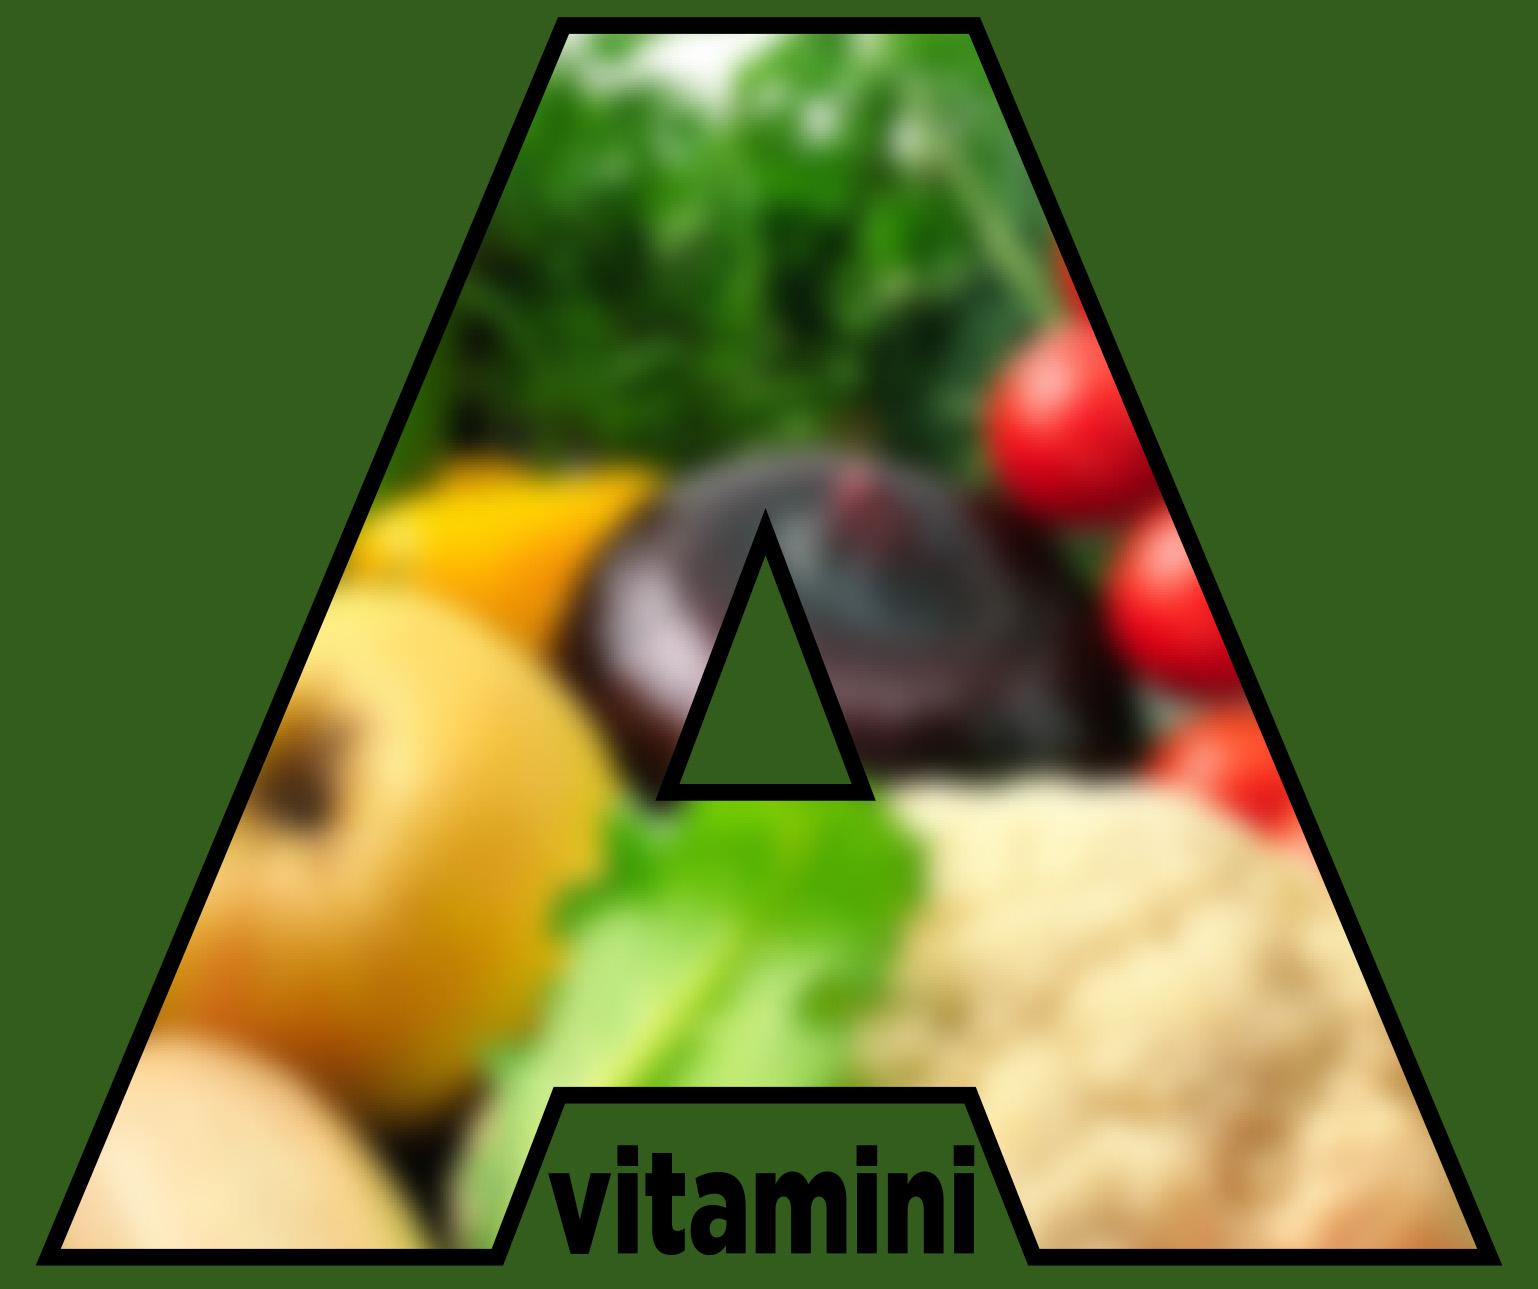 A Vitamini Faydaları Nelerdir